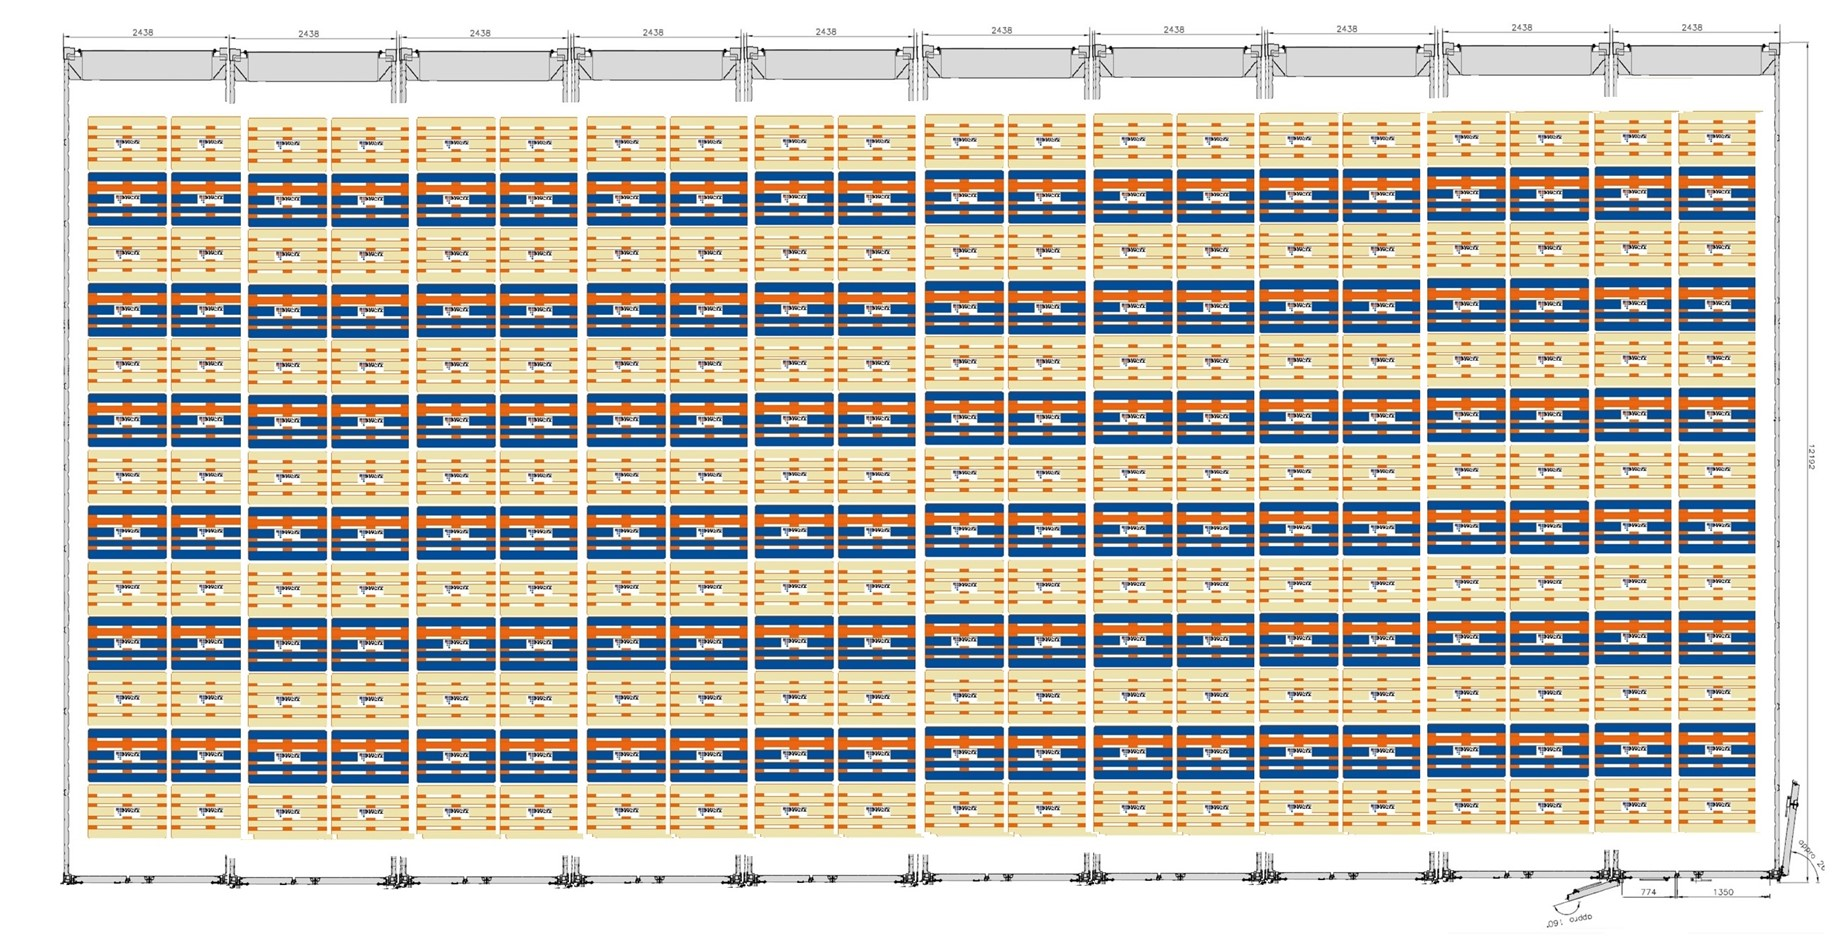 Storage Container Diagram Image 2